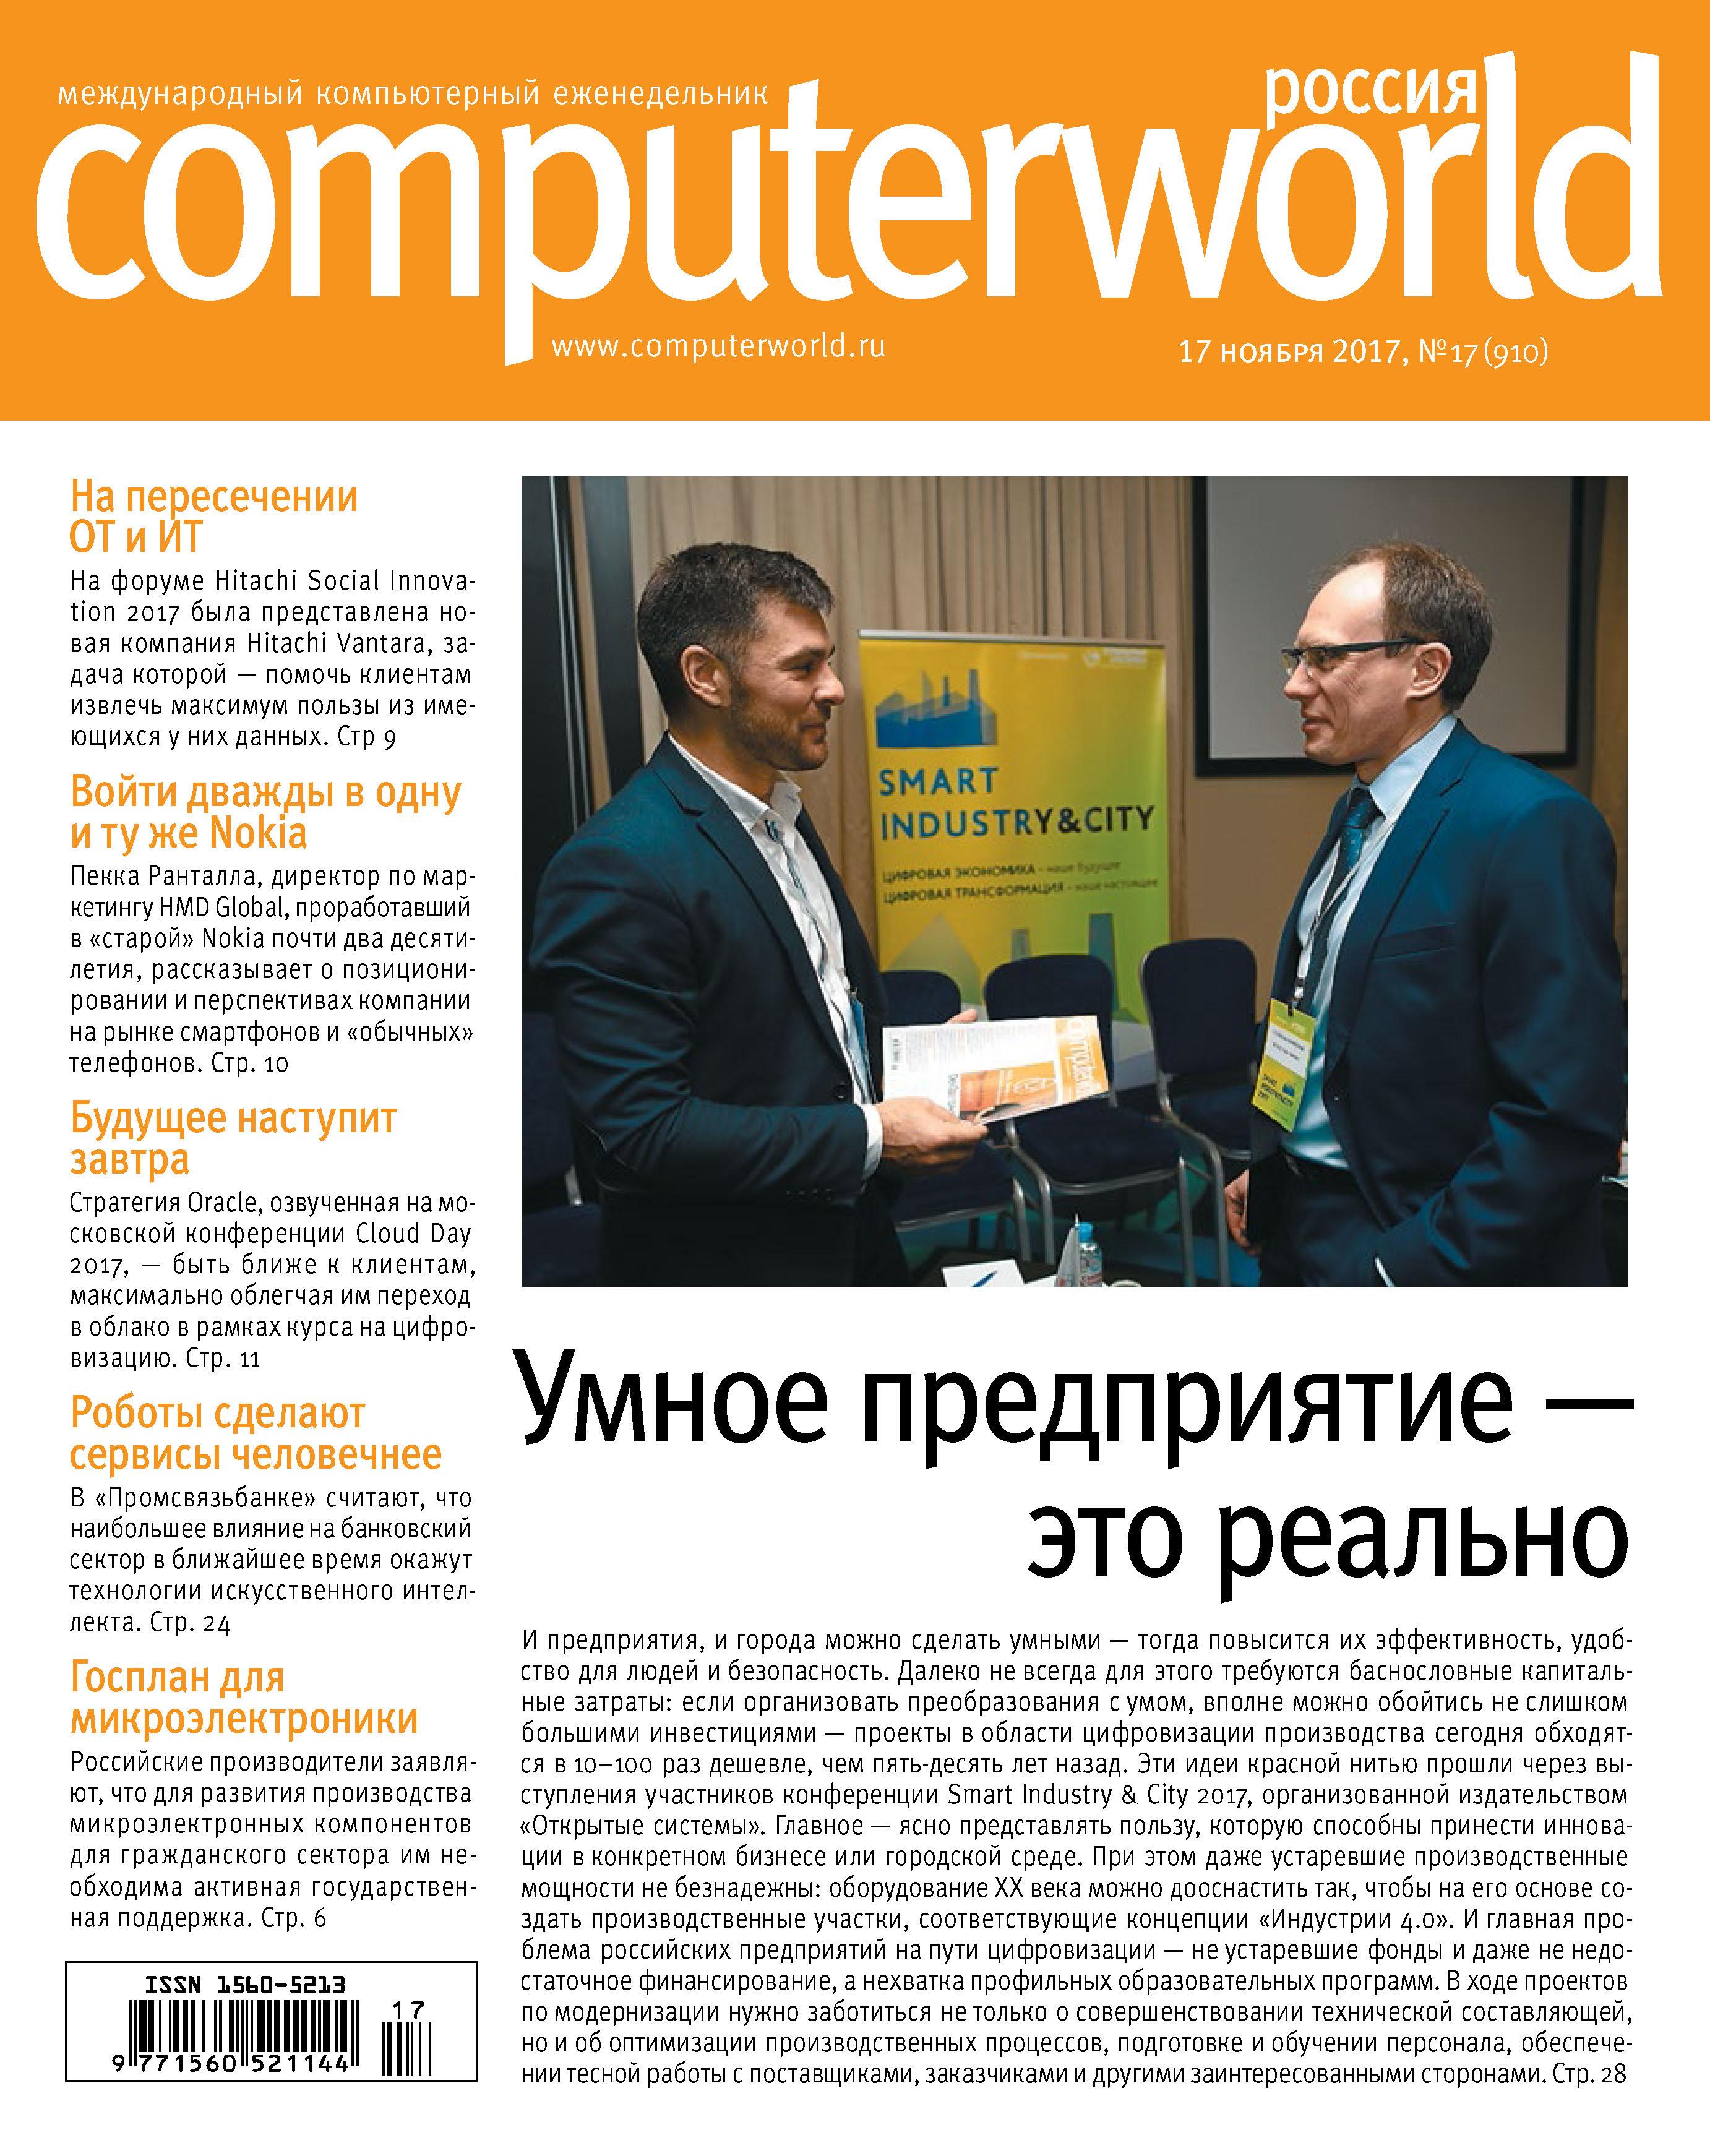 Купить книгу Журнал Computerworld Россия №17/2017, автора Открытые системы